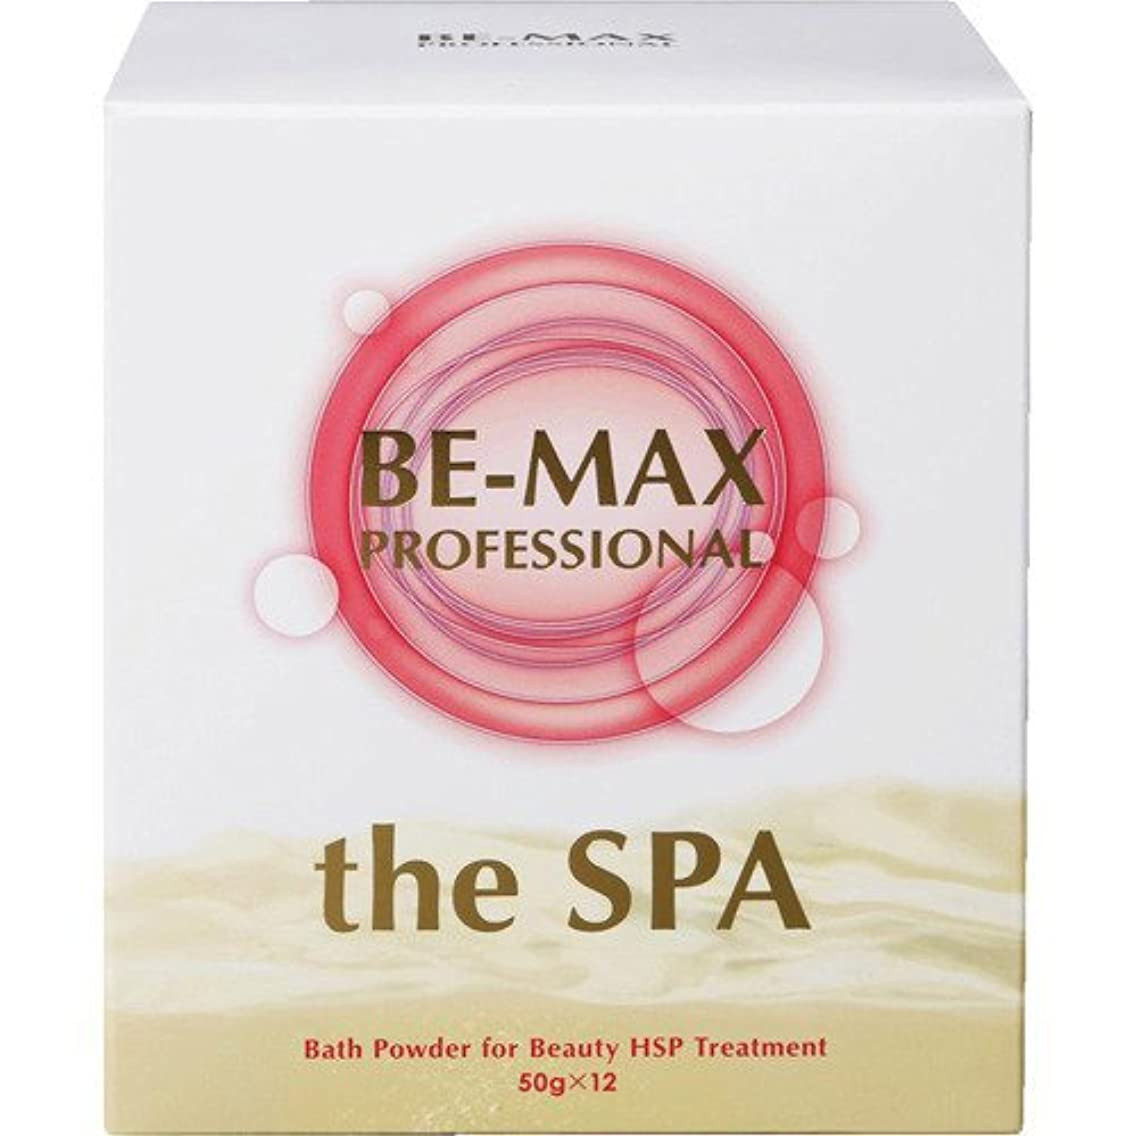 で出来ている規模しみBE-MAX PROFESSIONAL the SPA(ザ?スパ) ビーマックスプロフェッショナル ザ?スパ バスパウダー 50gx12包 (4571132621587)